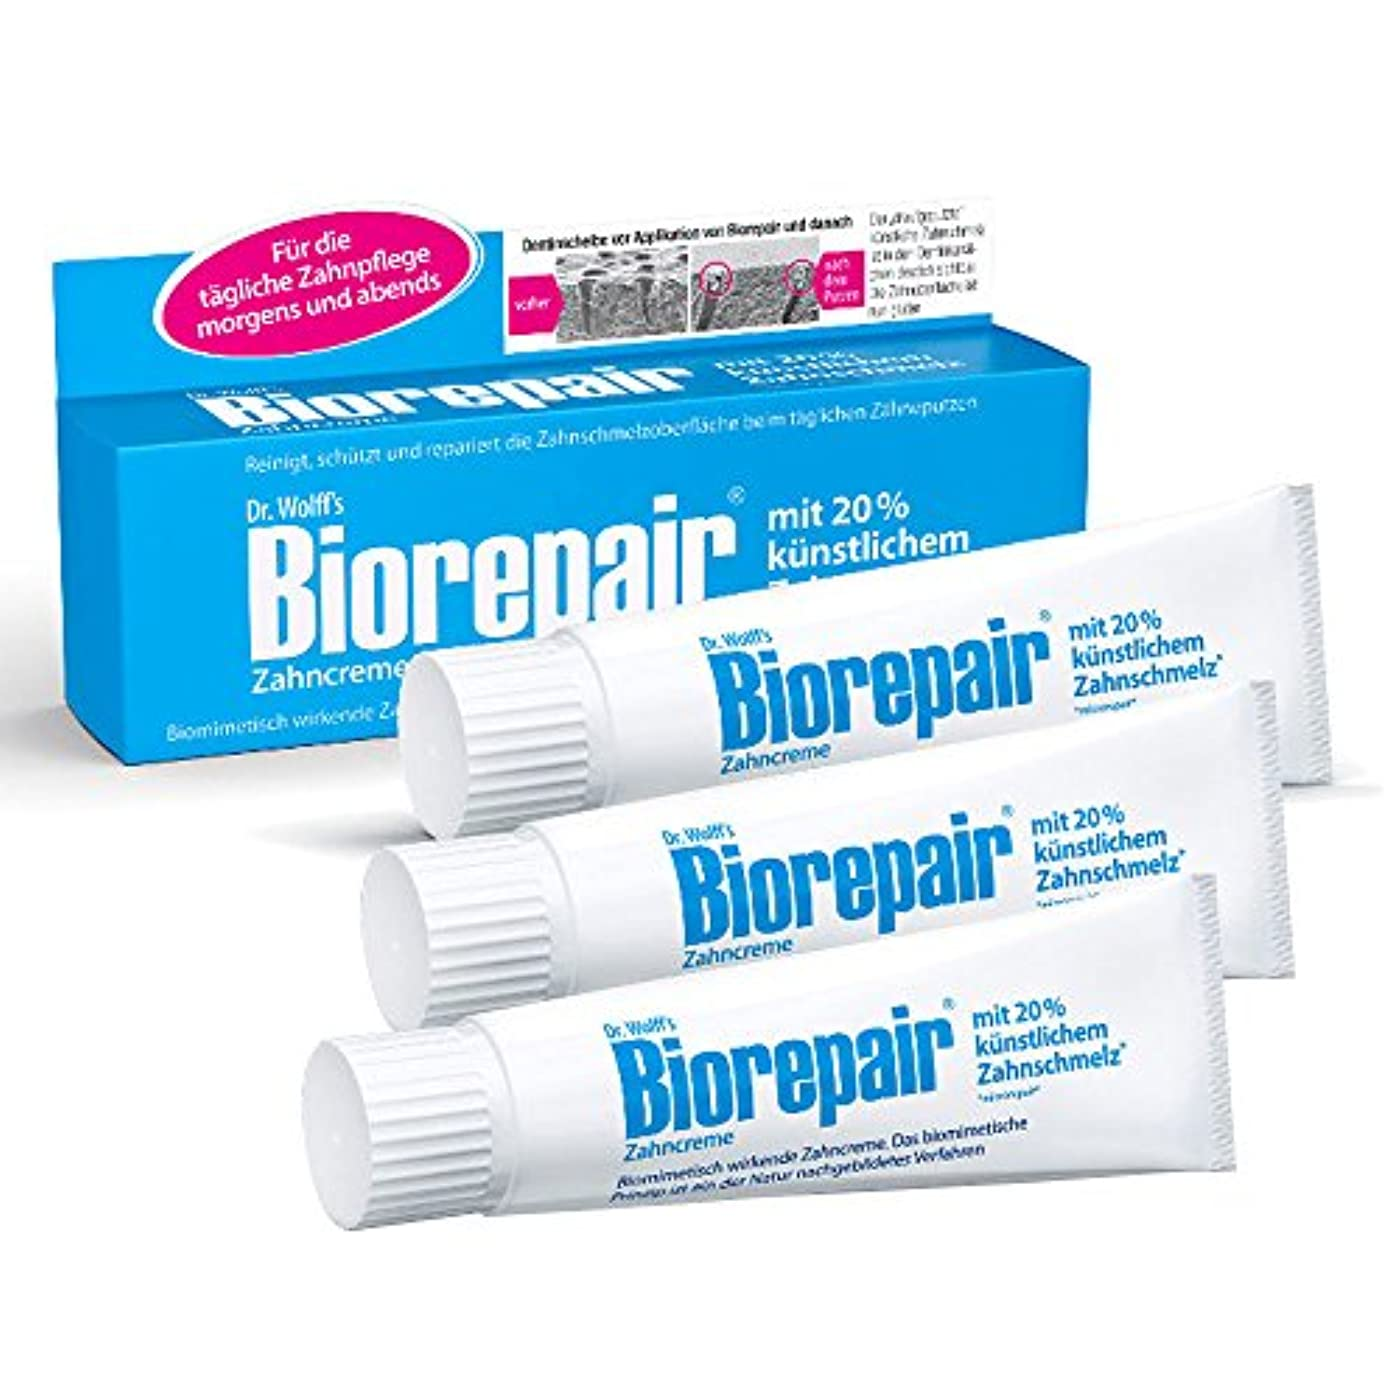 組み合わせ剃る出撃者Biorepair 歯磨き粉オリジナル、75ml 歯の保護 耐摩耗性 x 3 [並行輸入品]